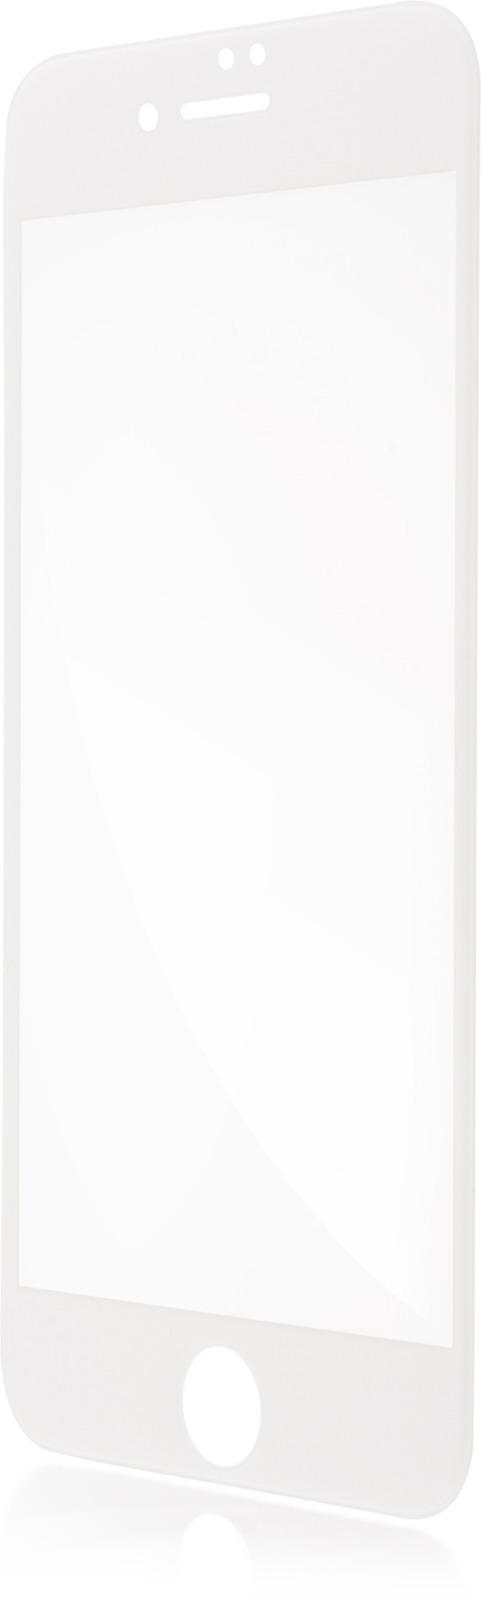 Защитное стекло Brosco 3D для Apple iPhone 7, белый